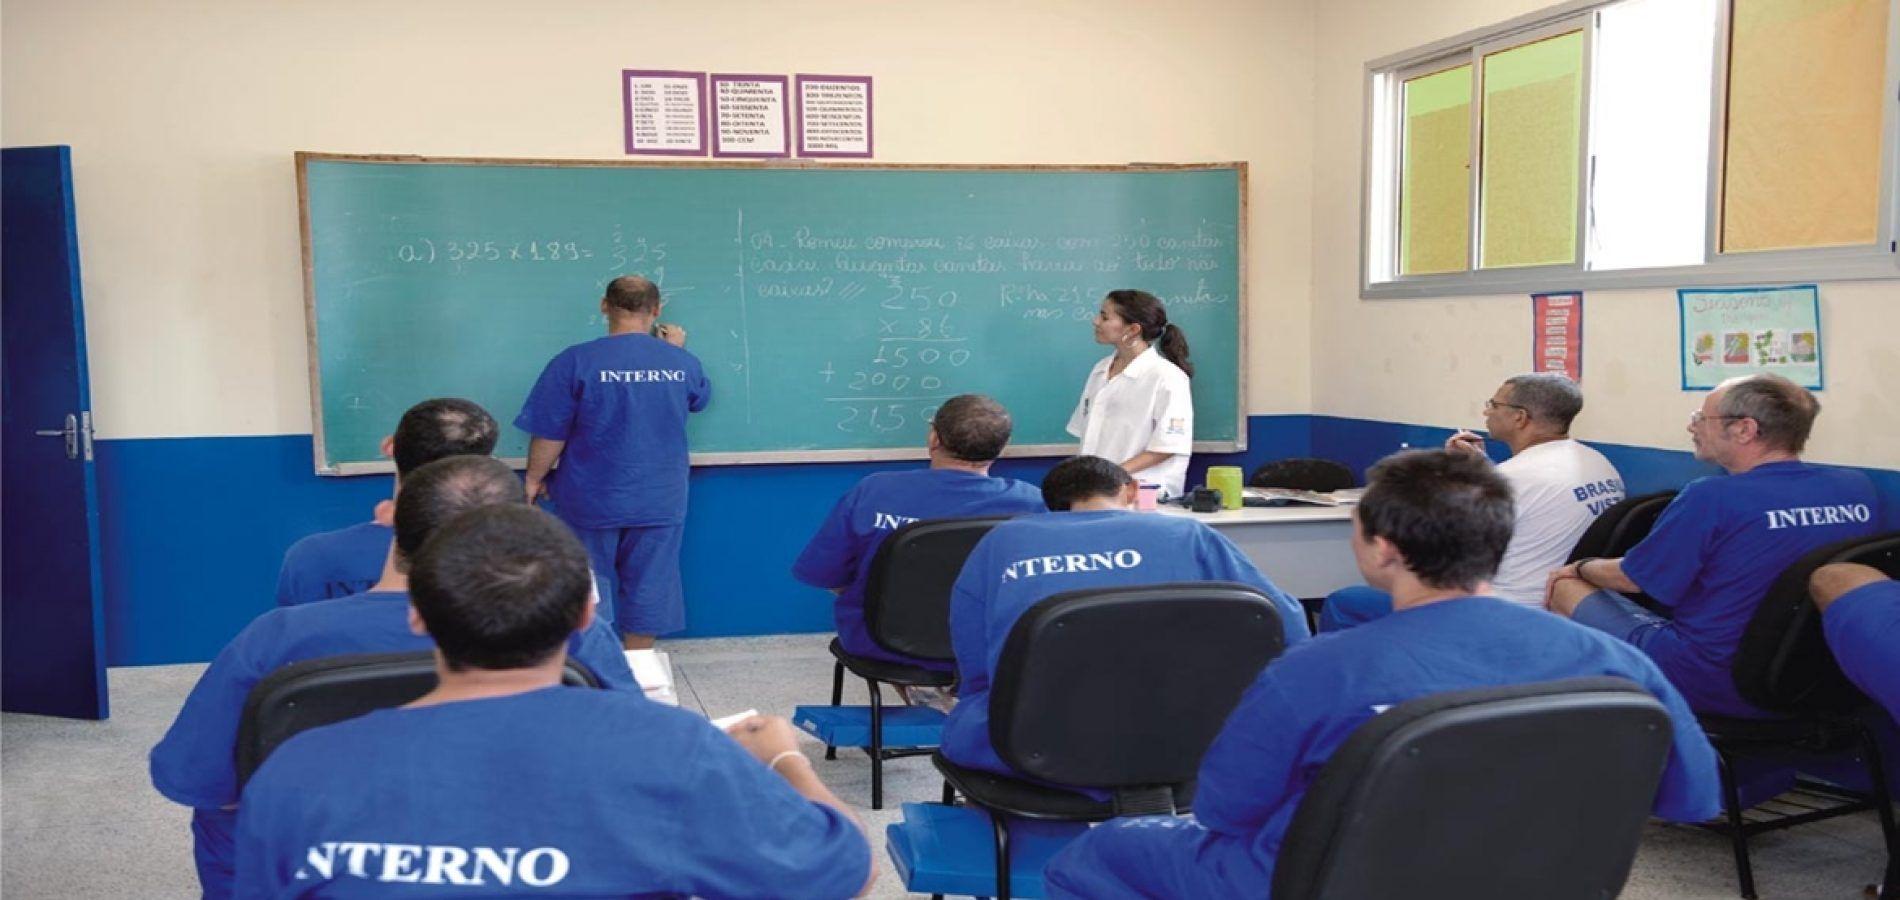 Percentual de presos estudando no Piau o maior do BrasilPercentual de presos estudando no Piau o maior do Brasil - Cidades na Net